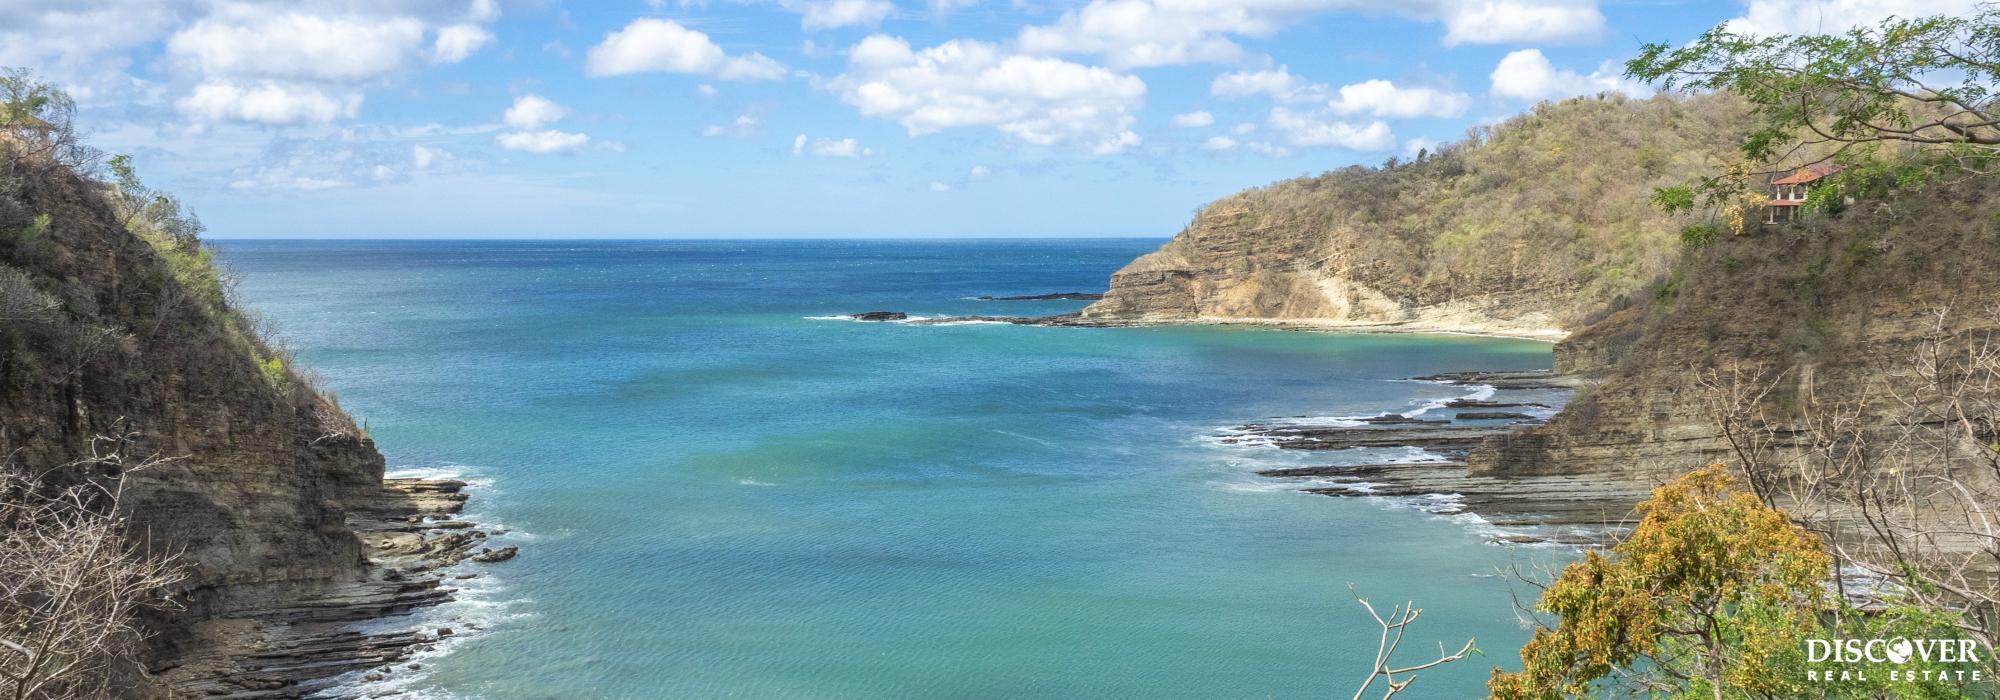 Cala Azul Private Bay